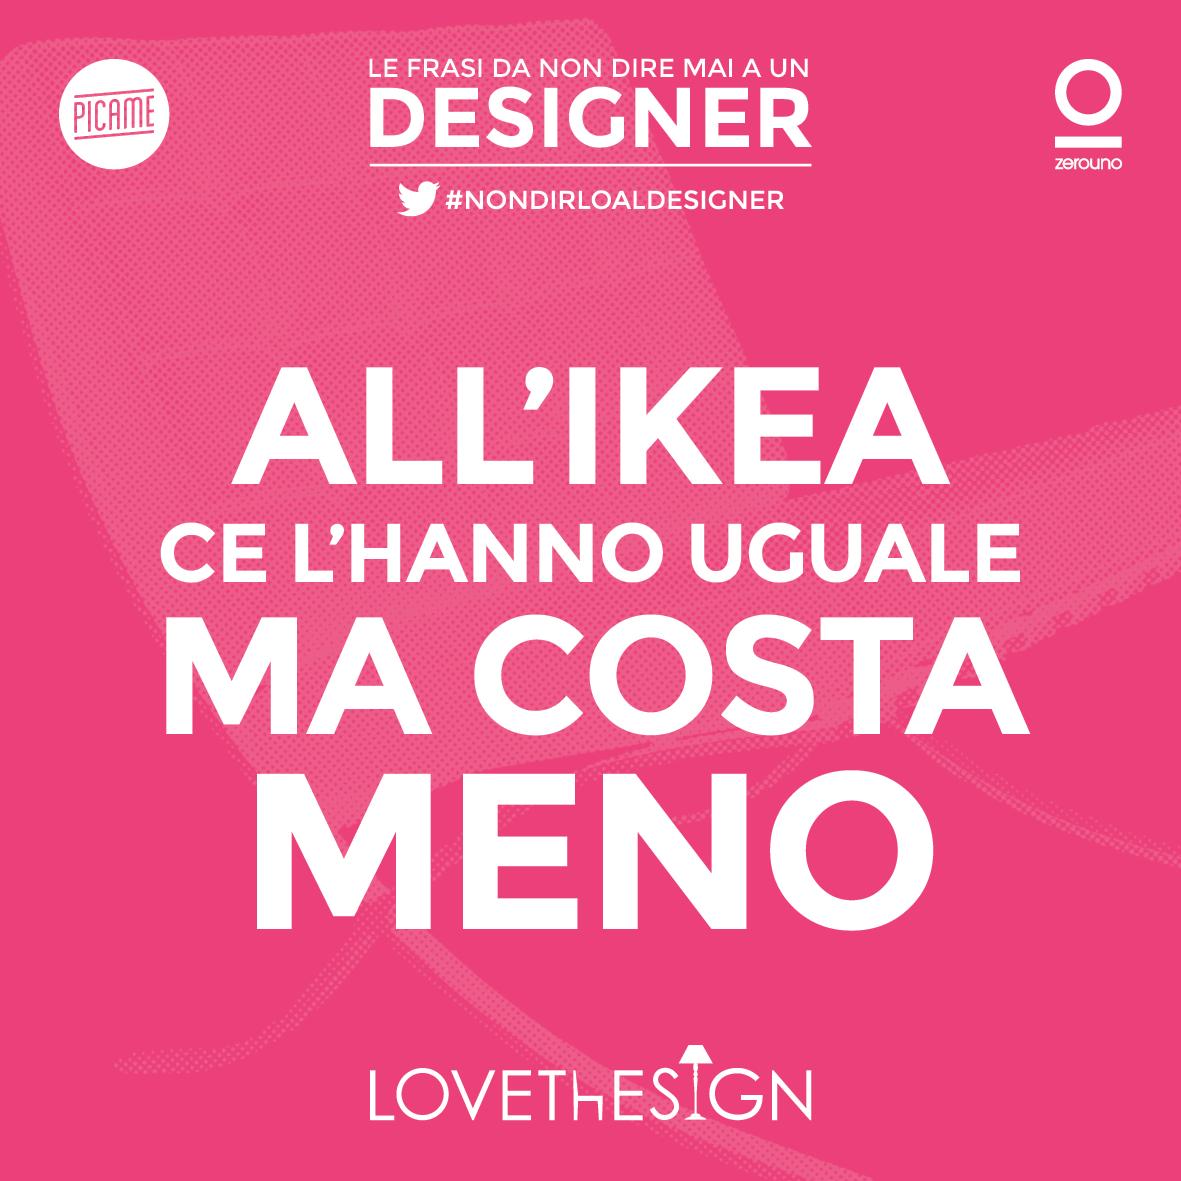 Le frasi da non dire mai a un designer picame - Frasi piccanti da dire a letto ...